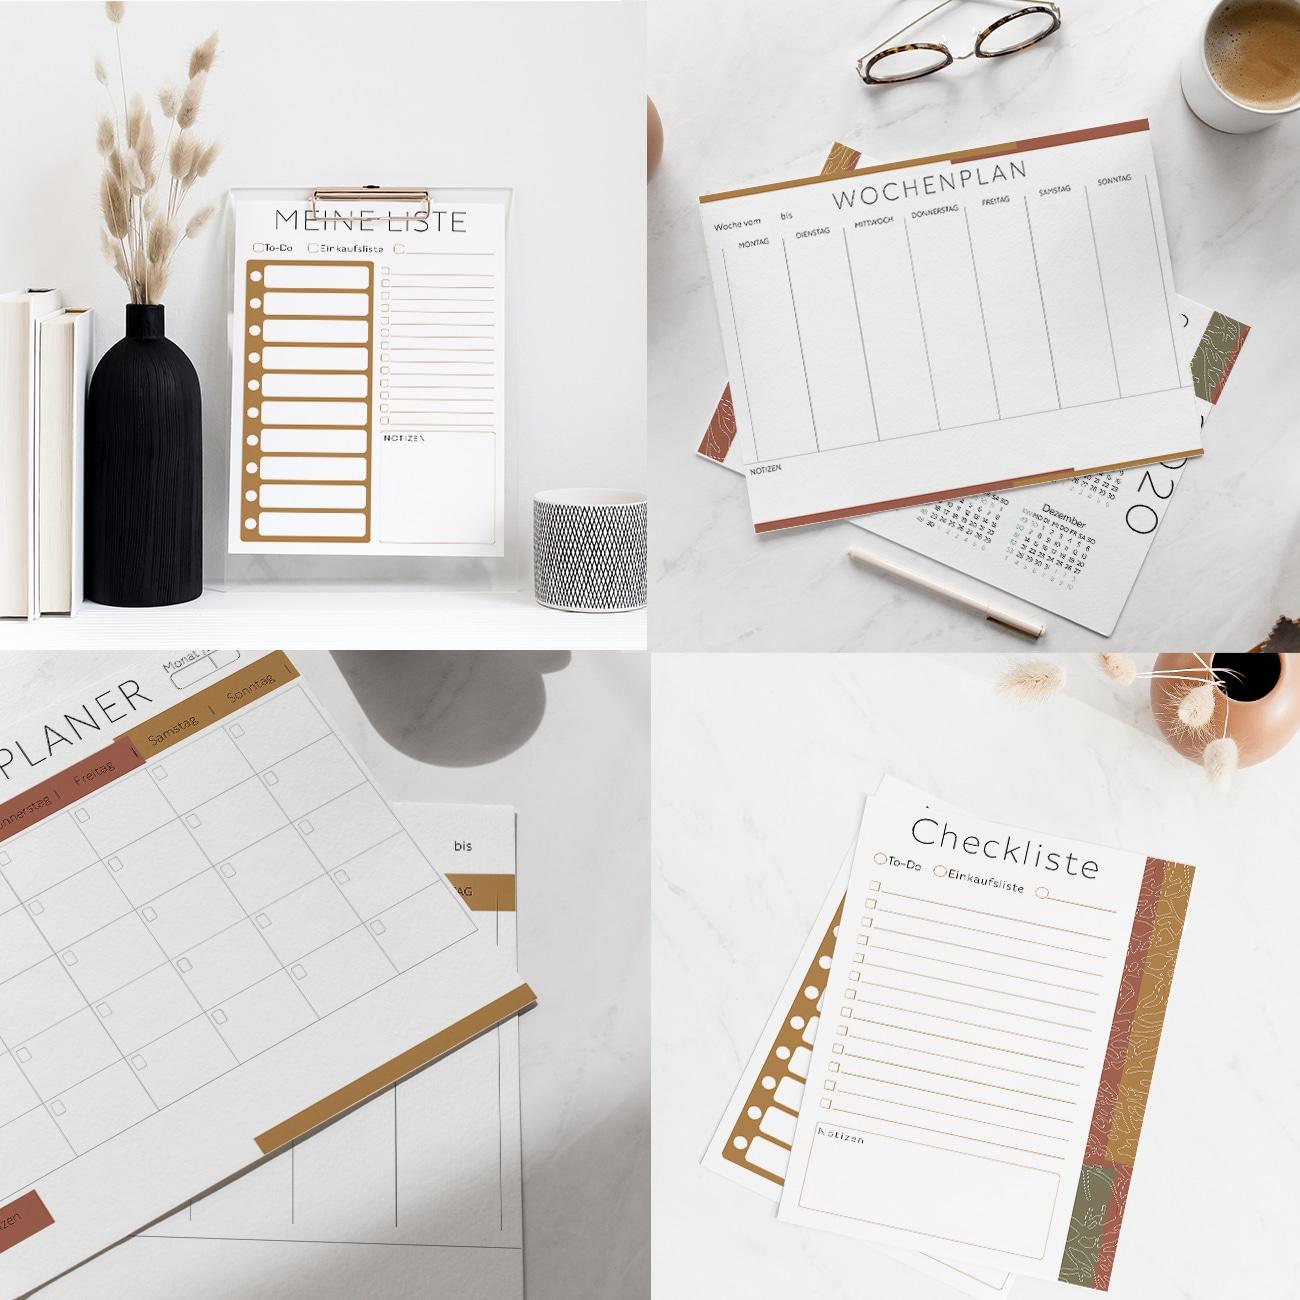 Kalender 2020 zum Ausdrucken Planer Vorlagen ausfüllbar modern minimalistisch natur töne braun terracotta